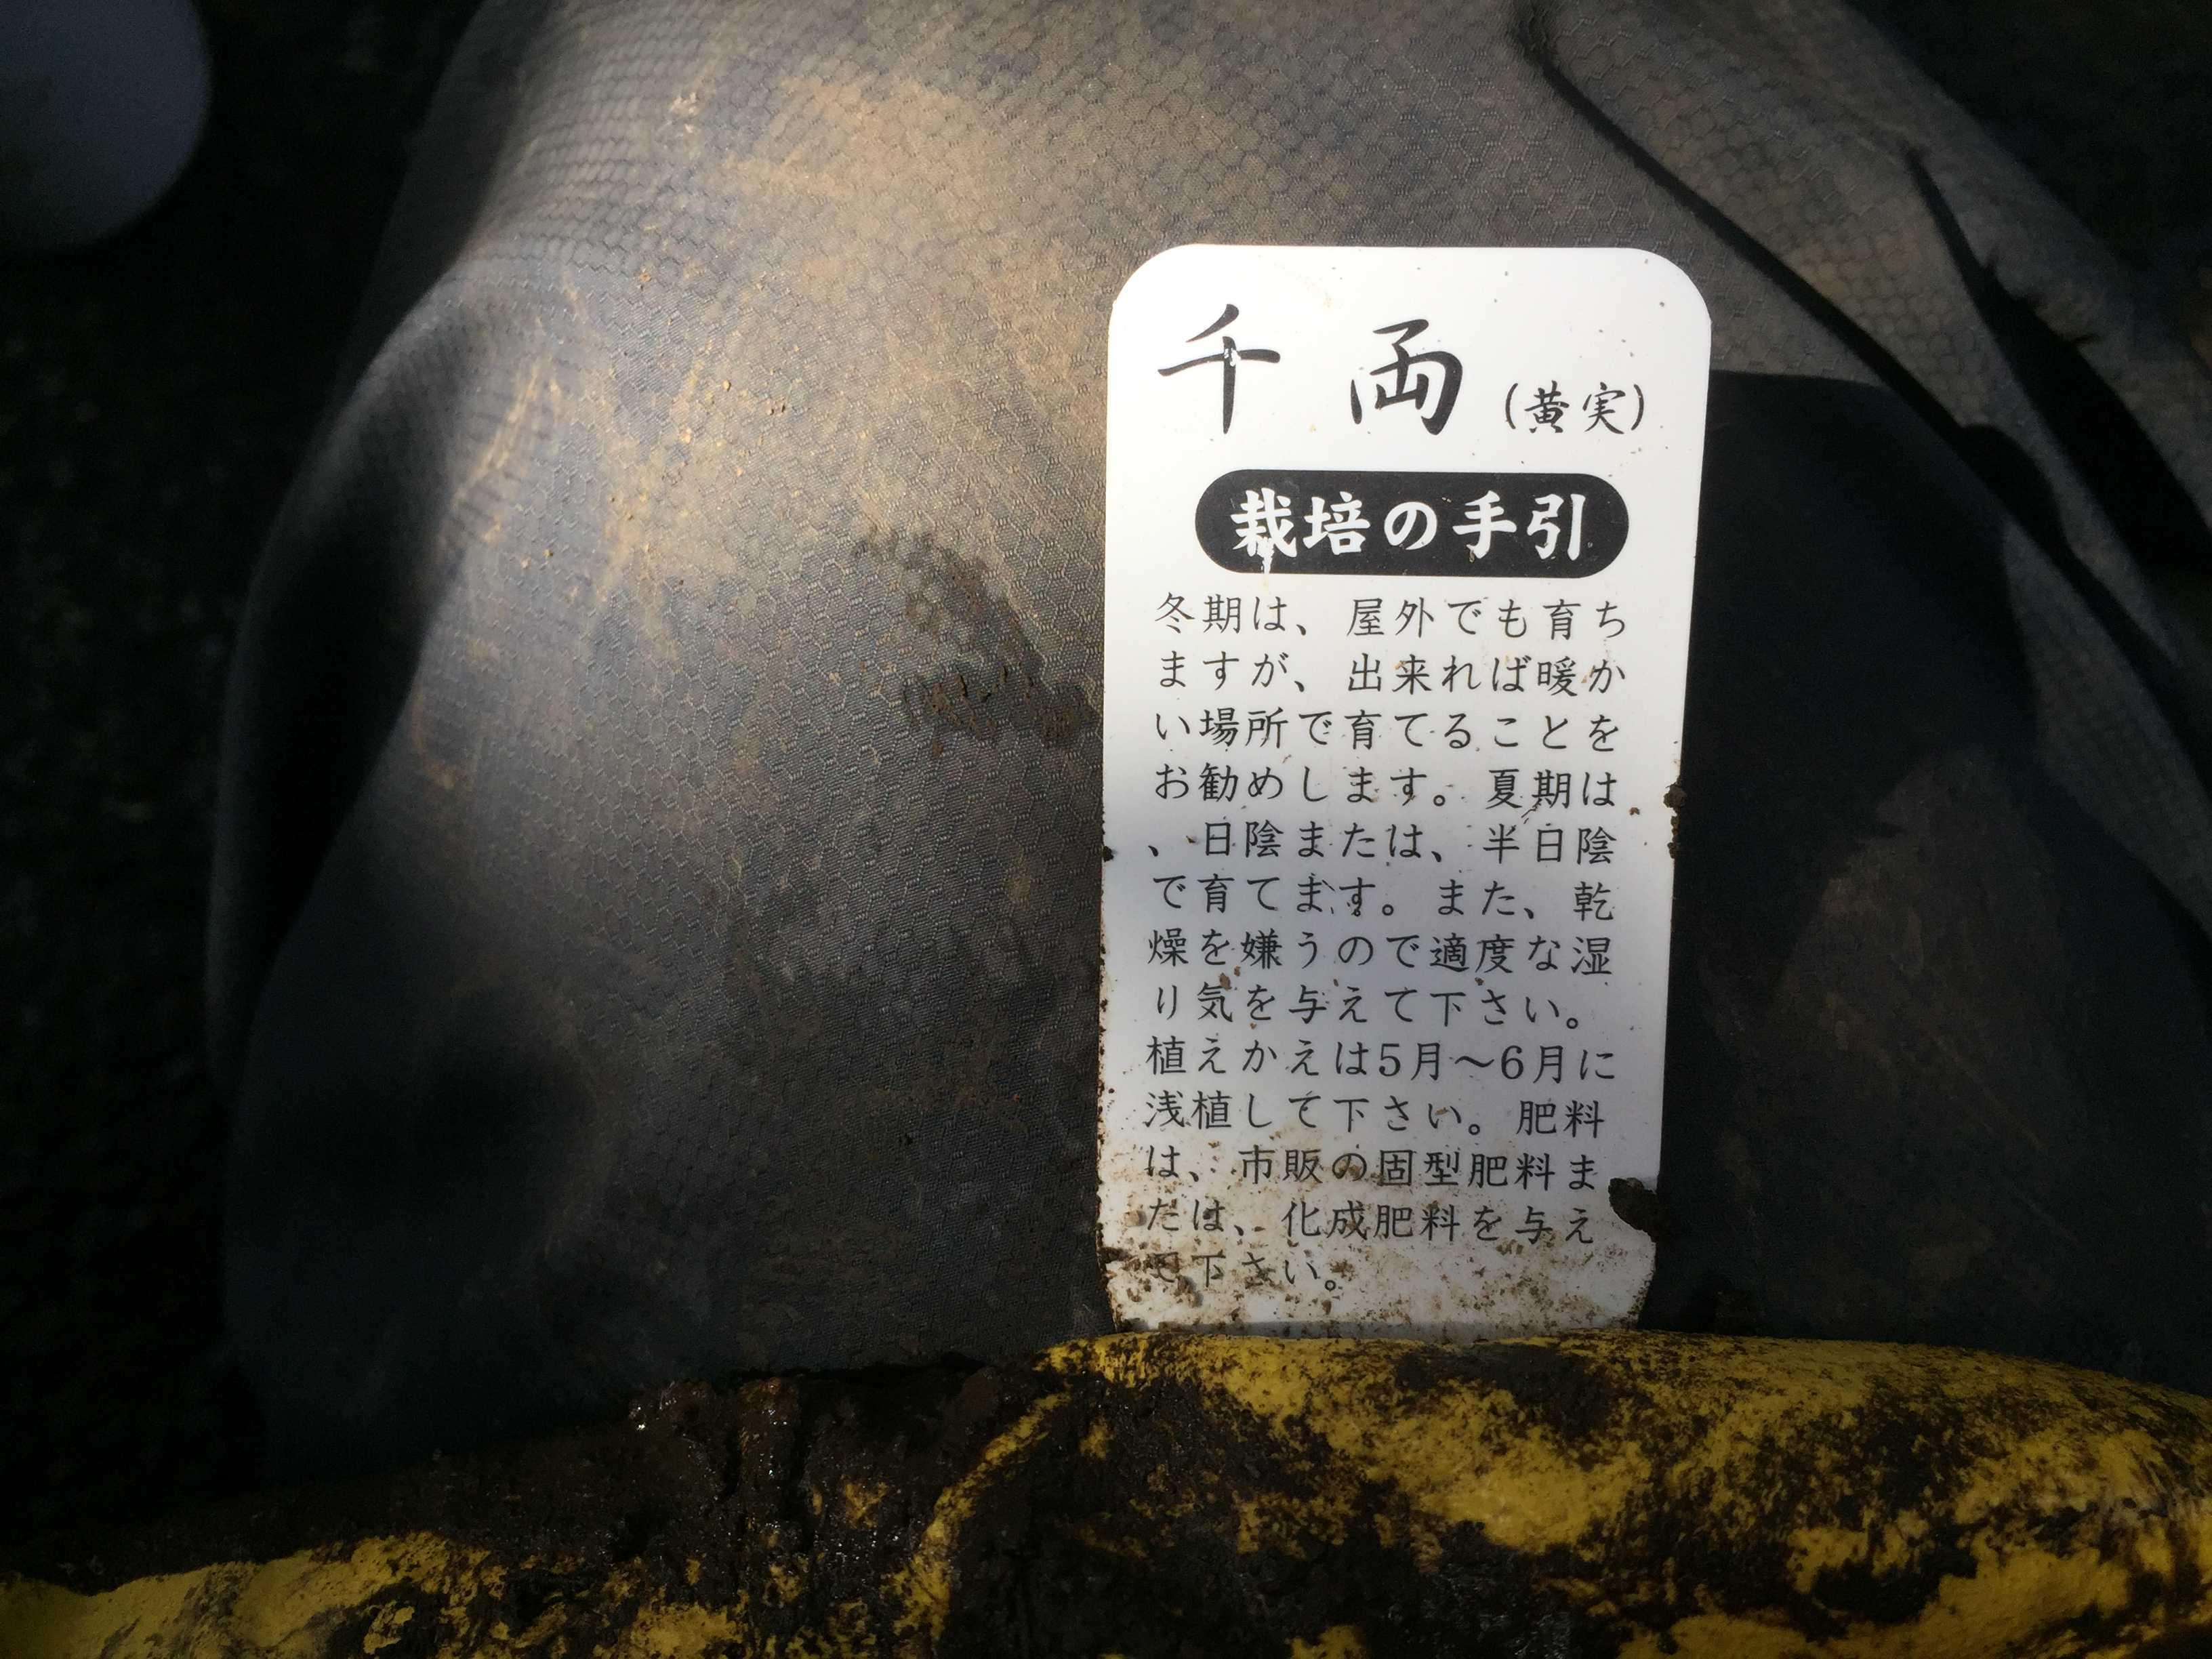 黄実の千両(キミノセンリョウ) の植え付け - 栽培の手引き